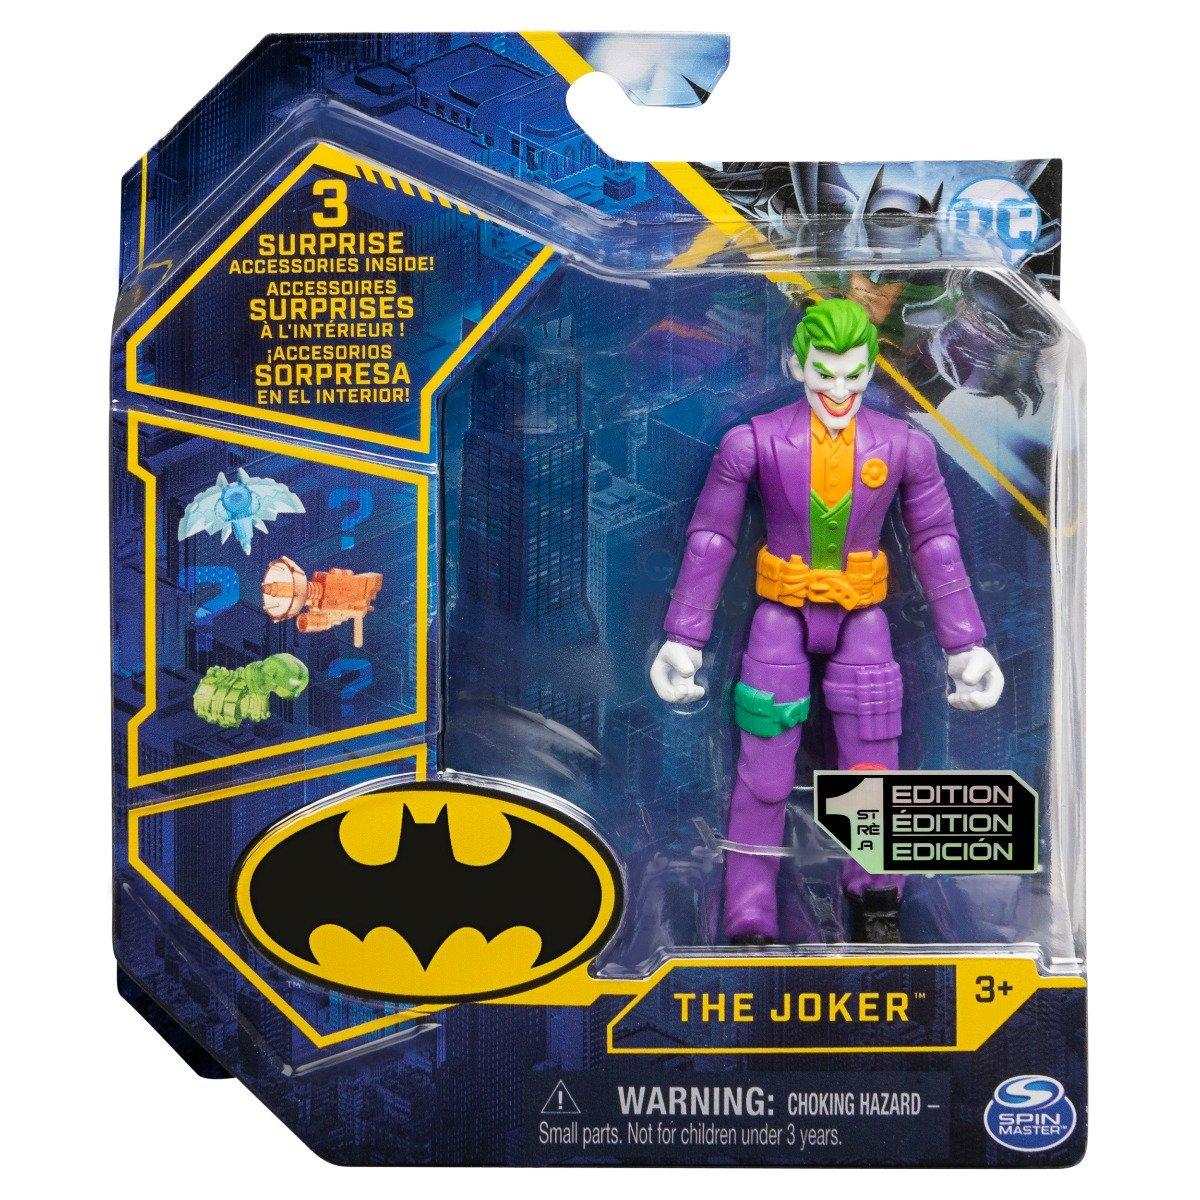 Set Figurina cu accesorii surpriza Batman, The Joker 20129810